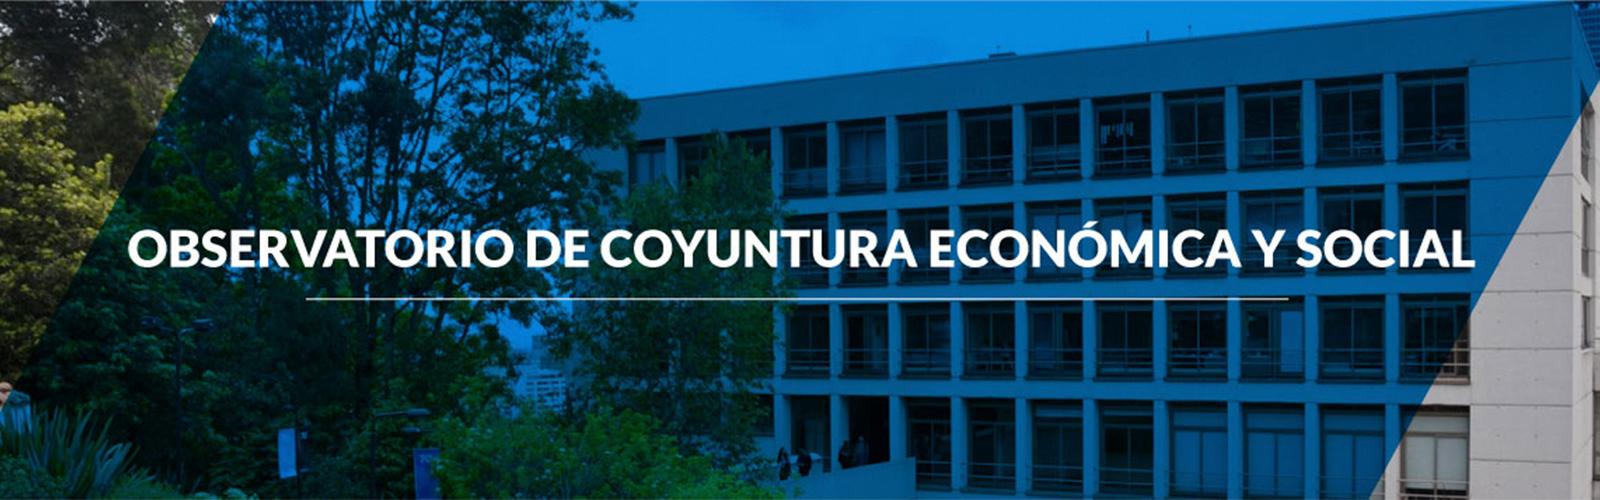 observatorio-de-coyuntura-economica-y-social